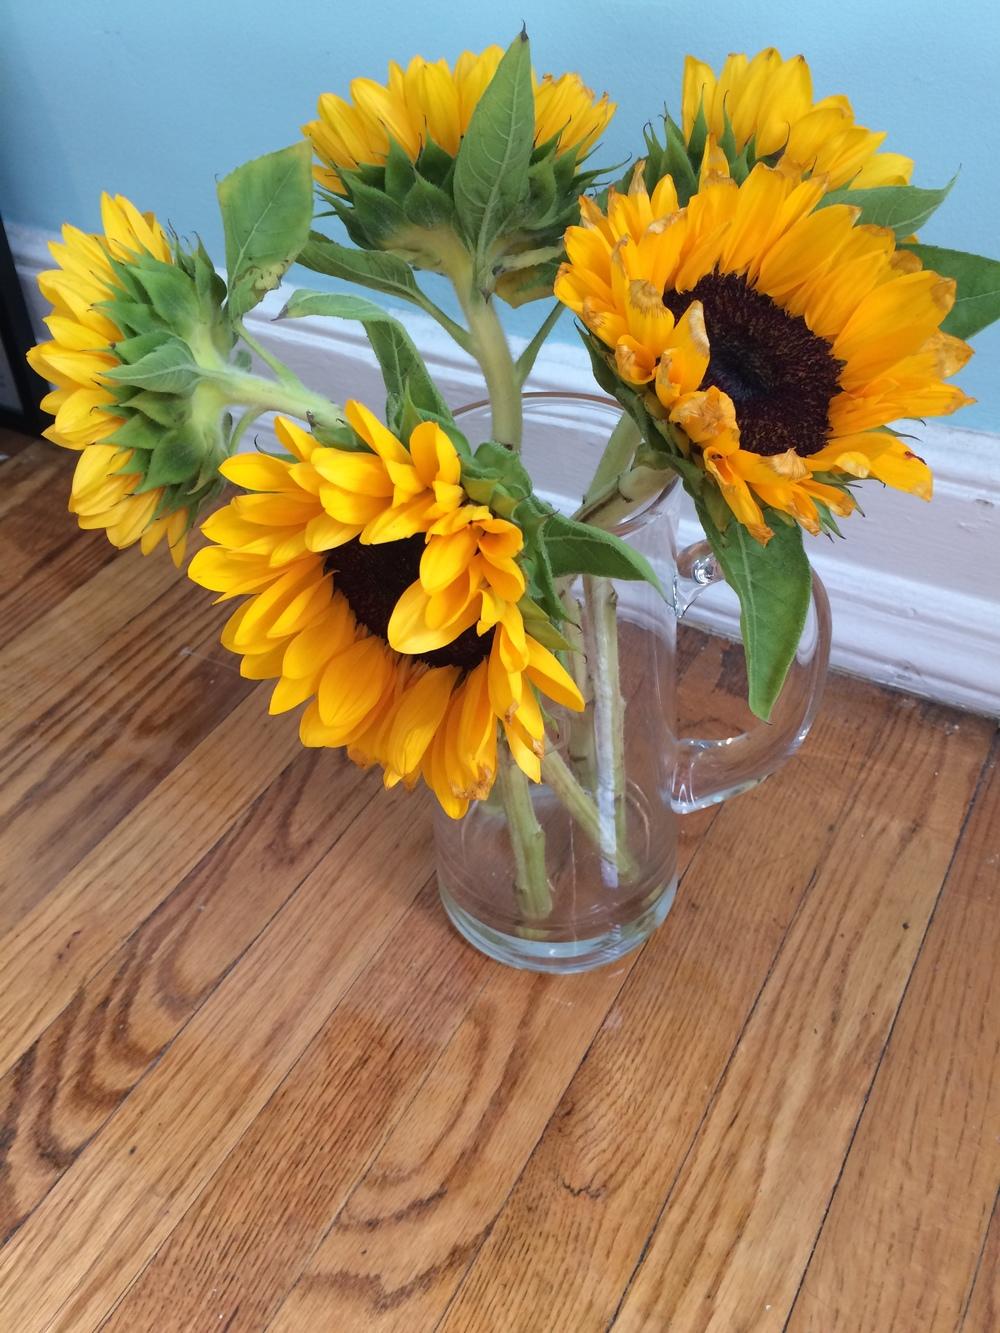 birthday sunflowers at thirty one